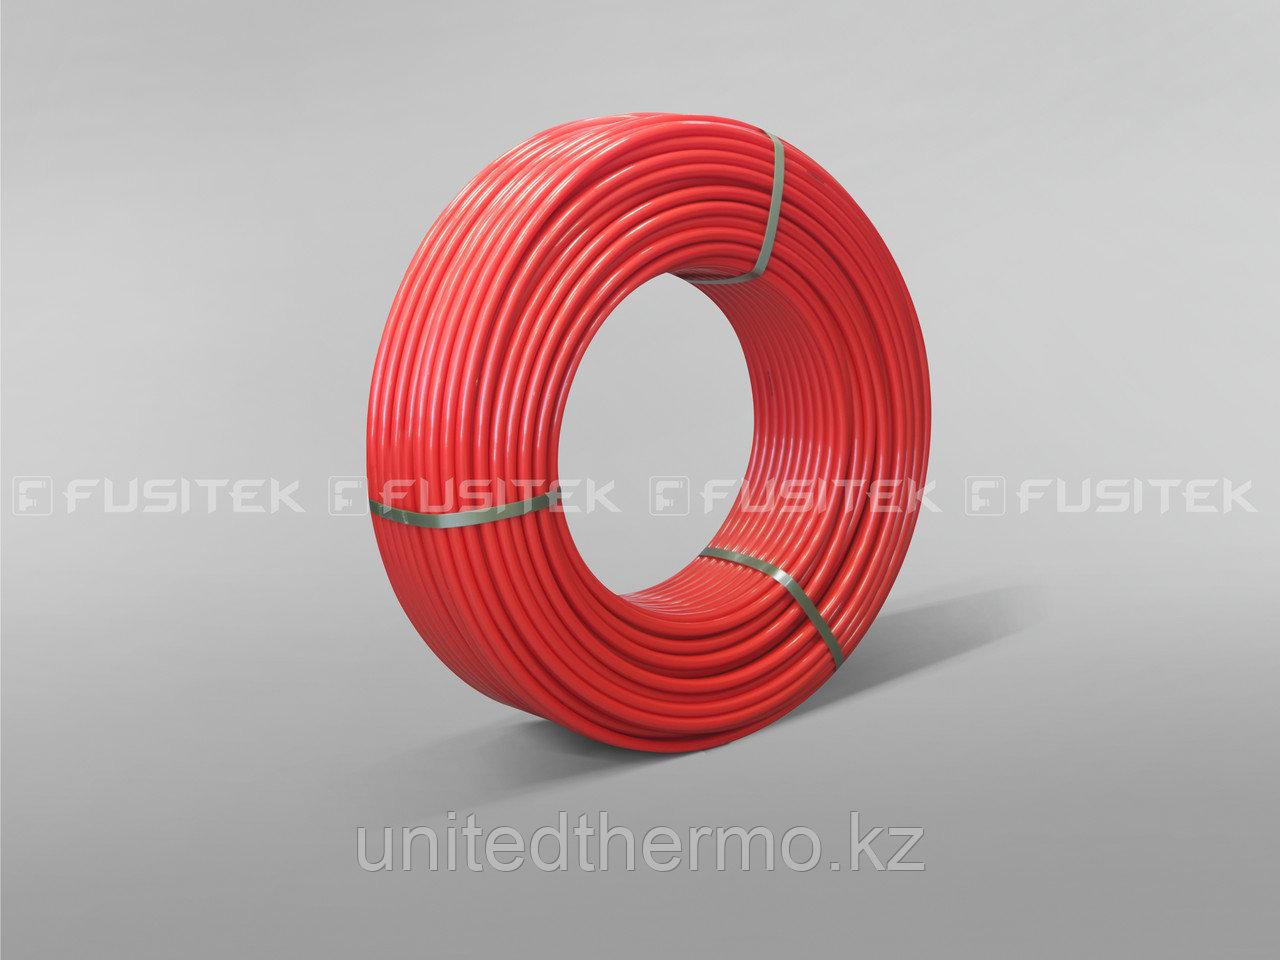 Труба для теплого пола Fusitek PE-RT II 16x2.0 мм однослойная, цвет красный